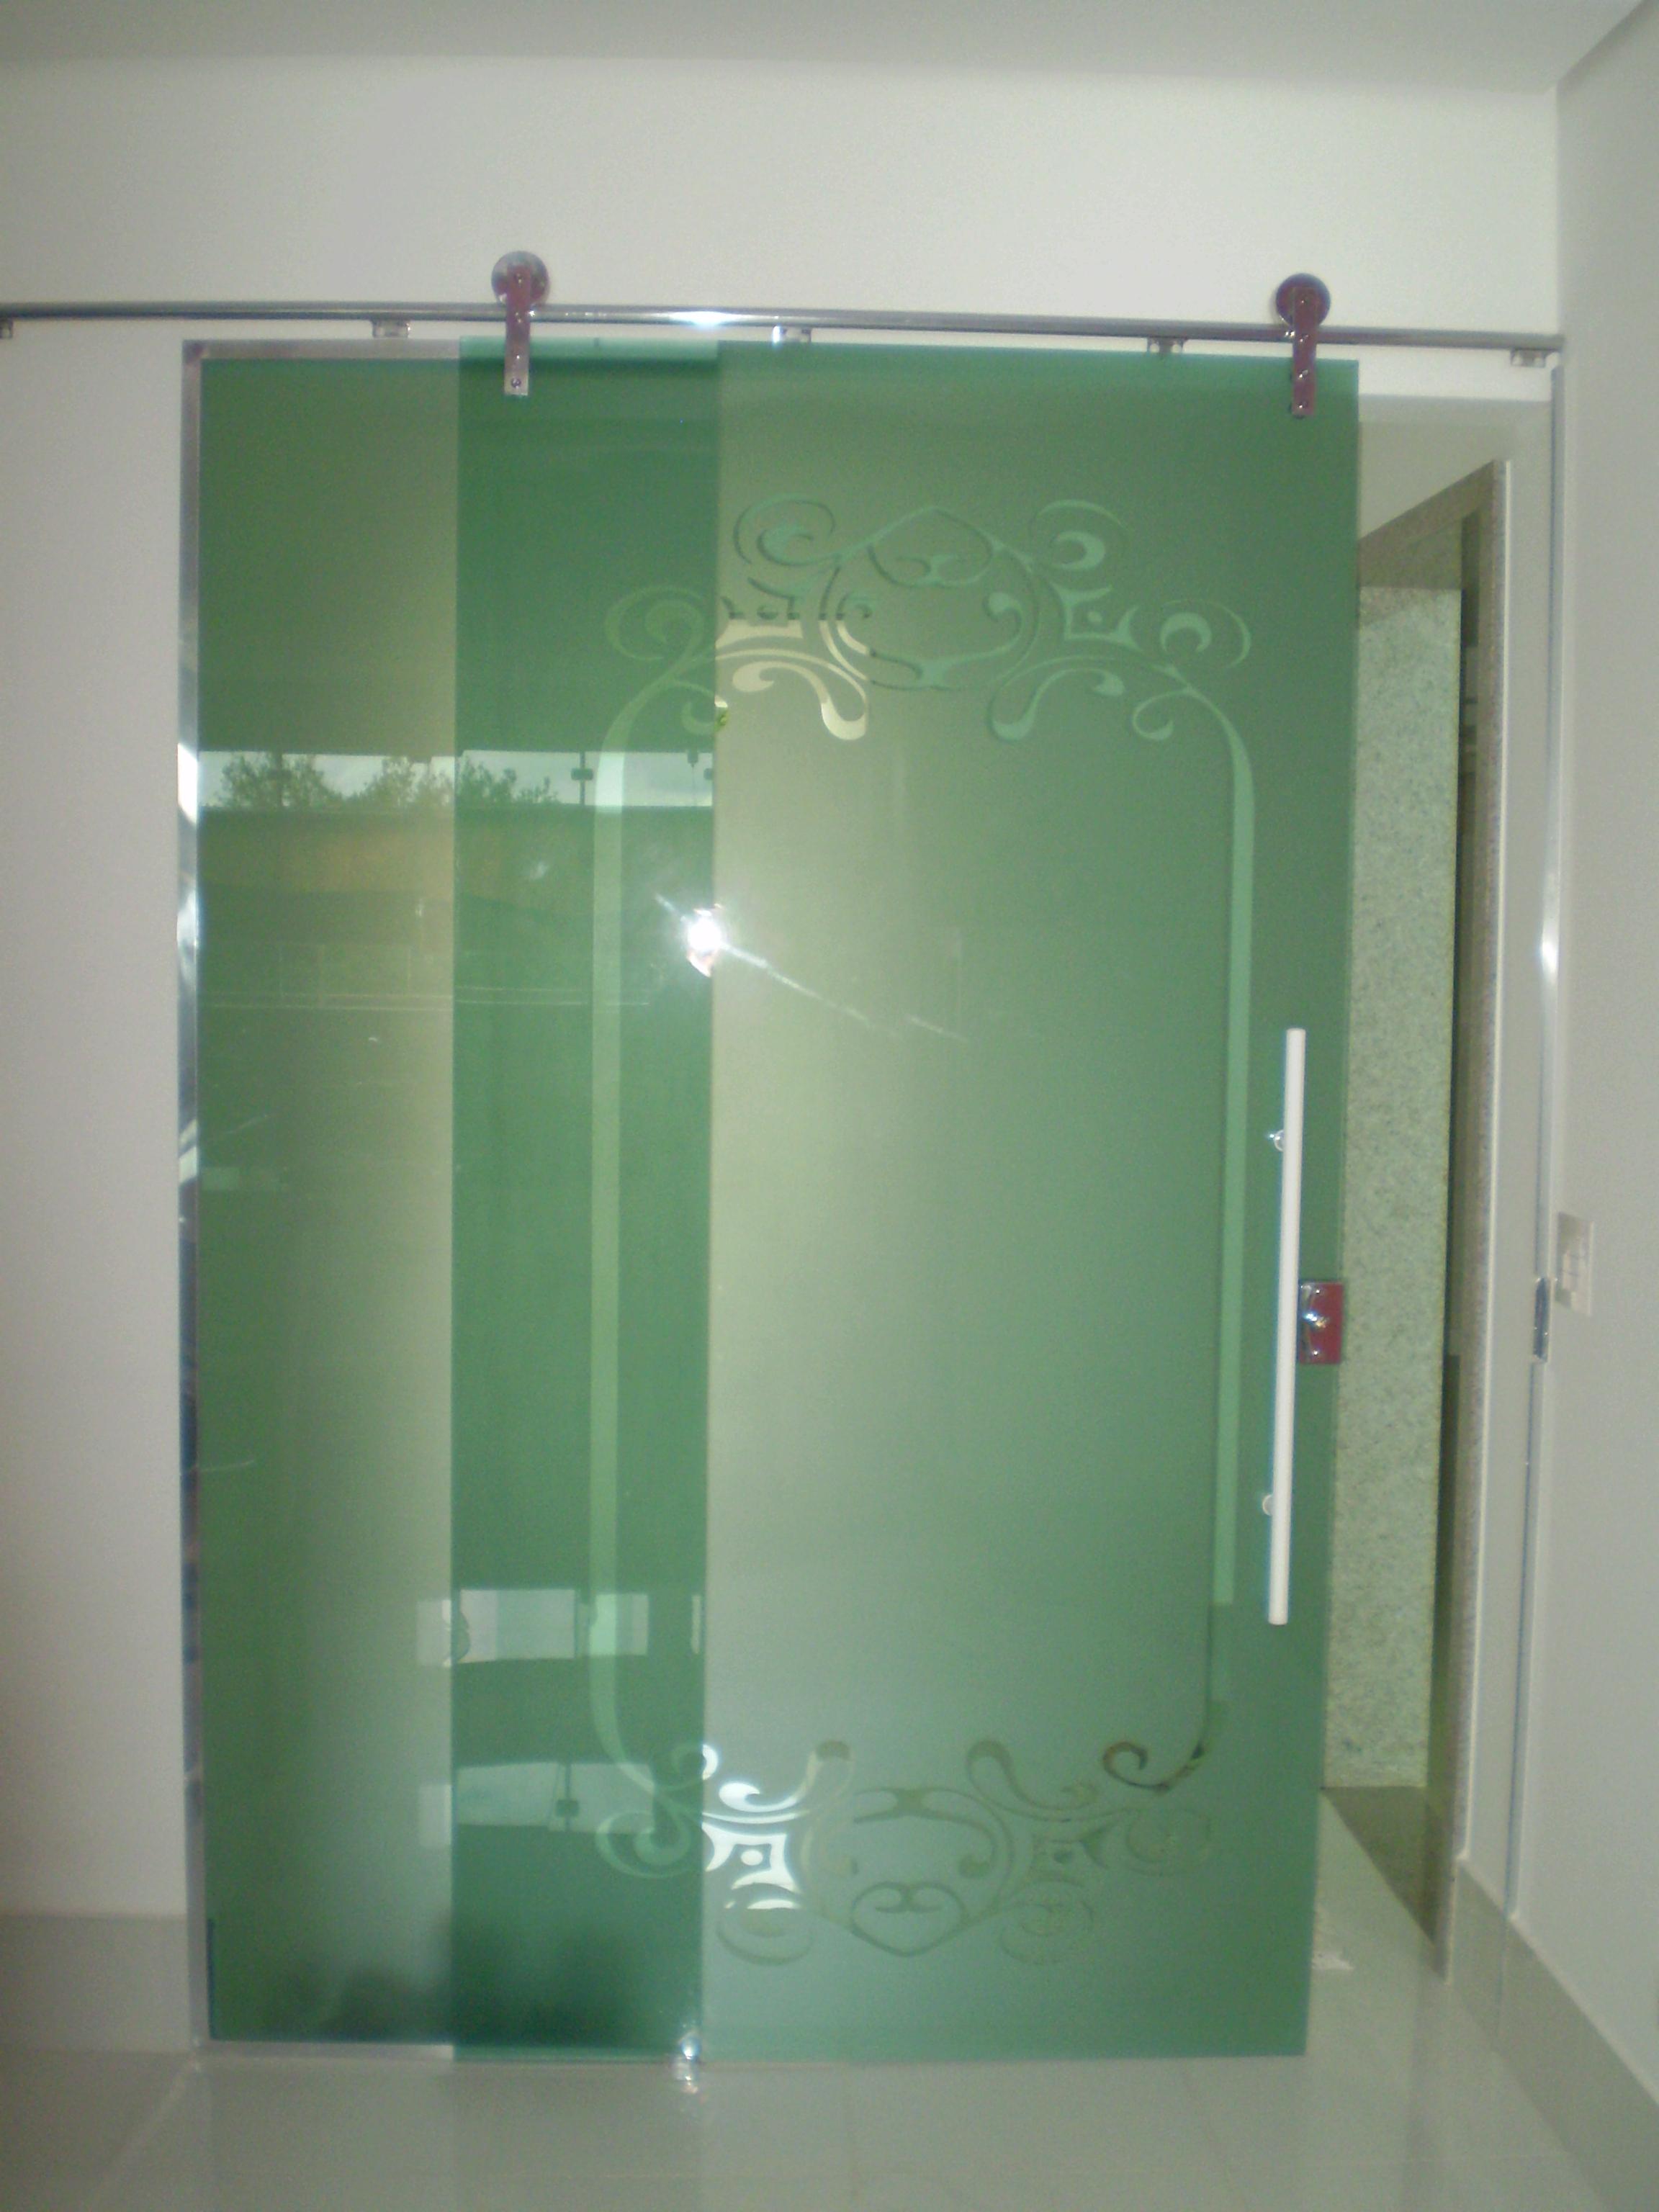 #4F755A Fotos De Janelas Portas Box De Banheiro Em Vidro Temperado Em Manaus  168 Janelas De Vidro Manaus